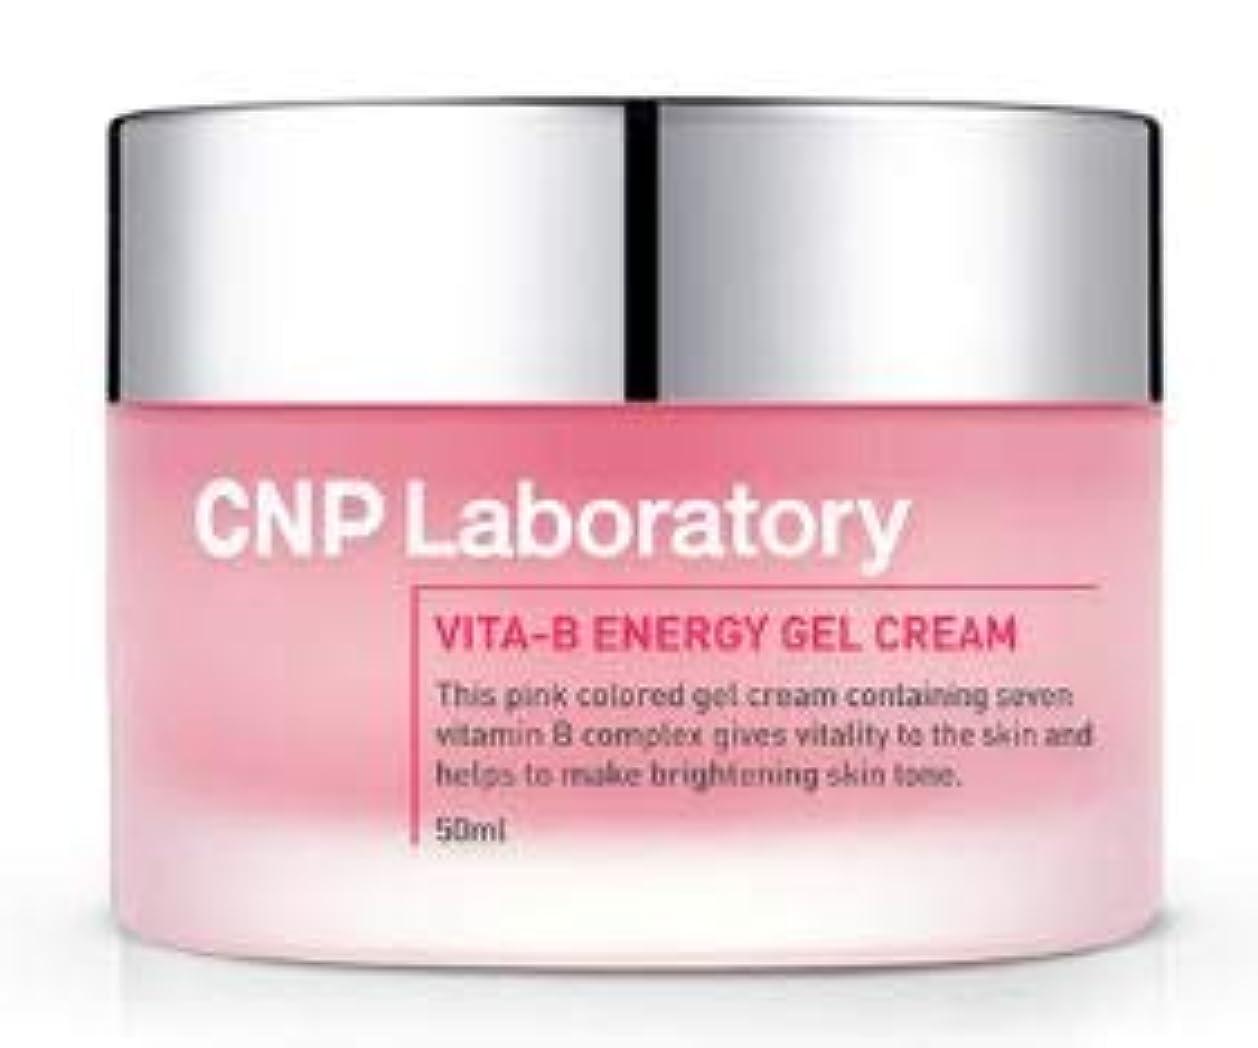 グラフィックホーンバルセロナ[CHA&PARK(CNP)] Vita-B Energy Gel Cream 50ml /[チャアンドパク(CNP)] ビタ-B エネルギー ジェル クリーム 50ml [並行輸入品]